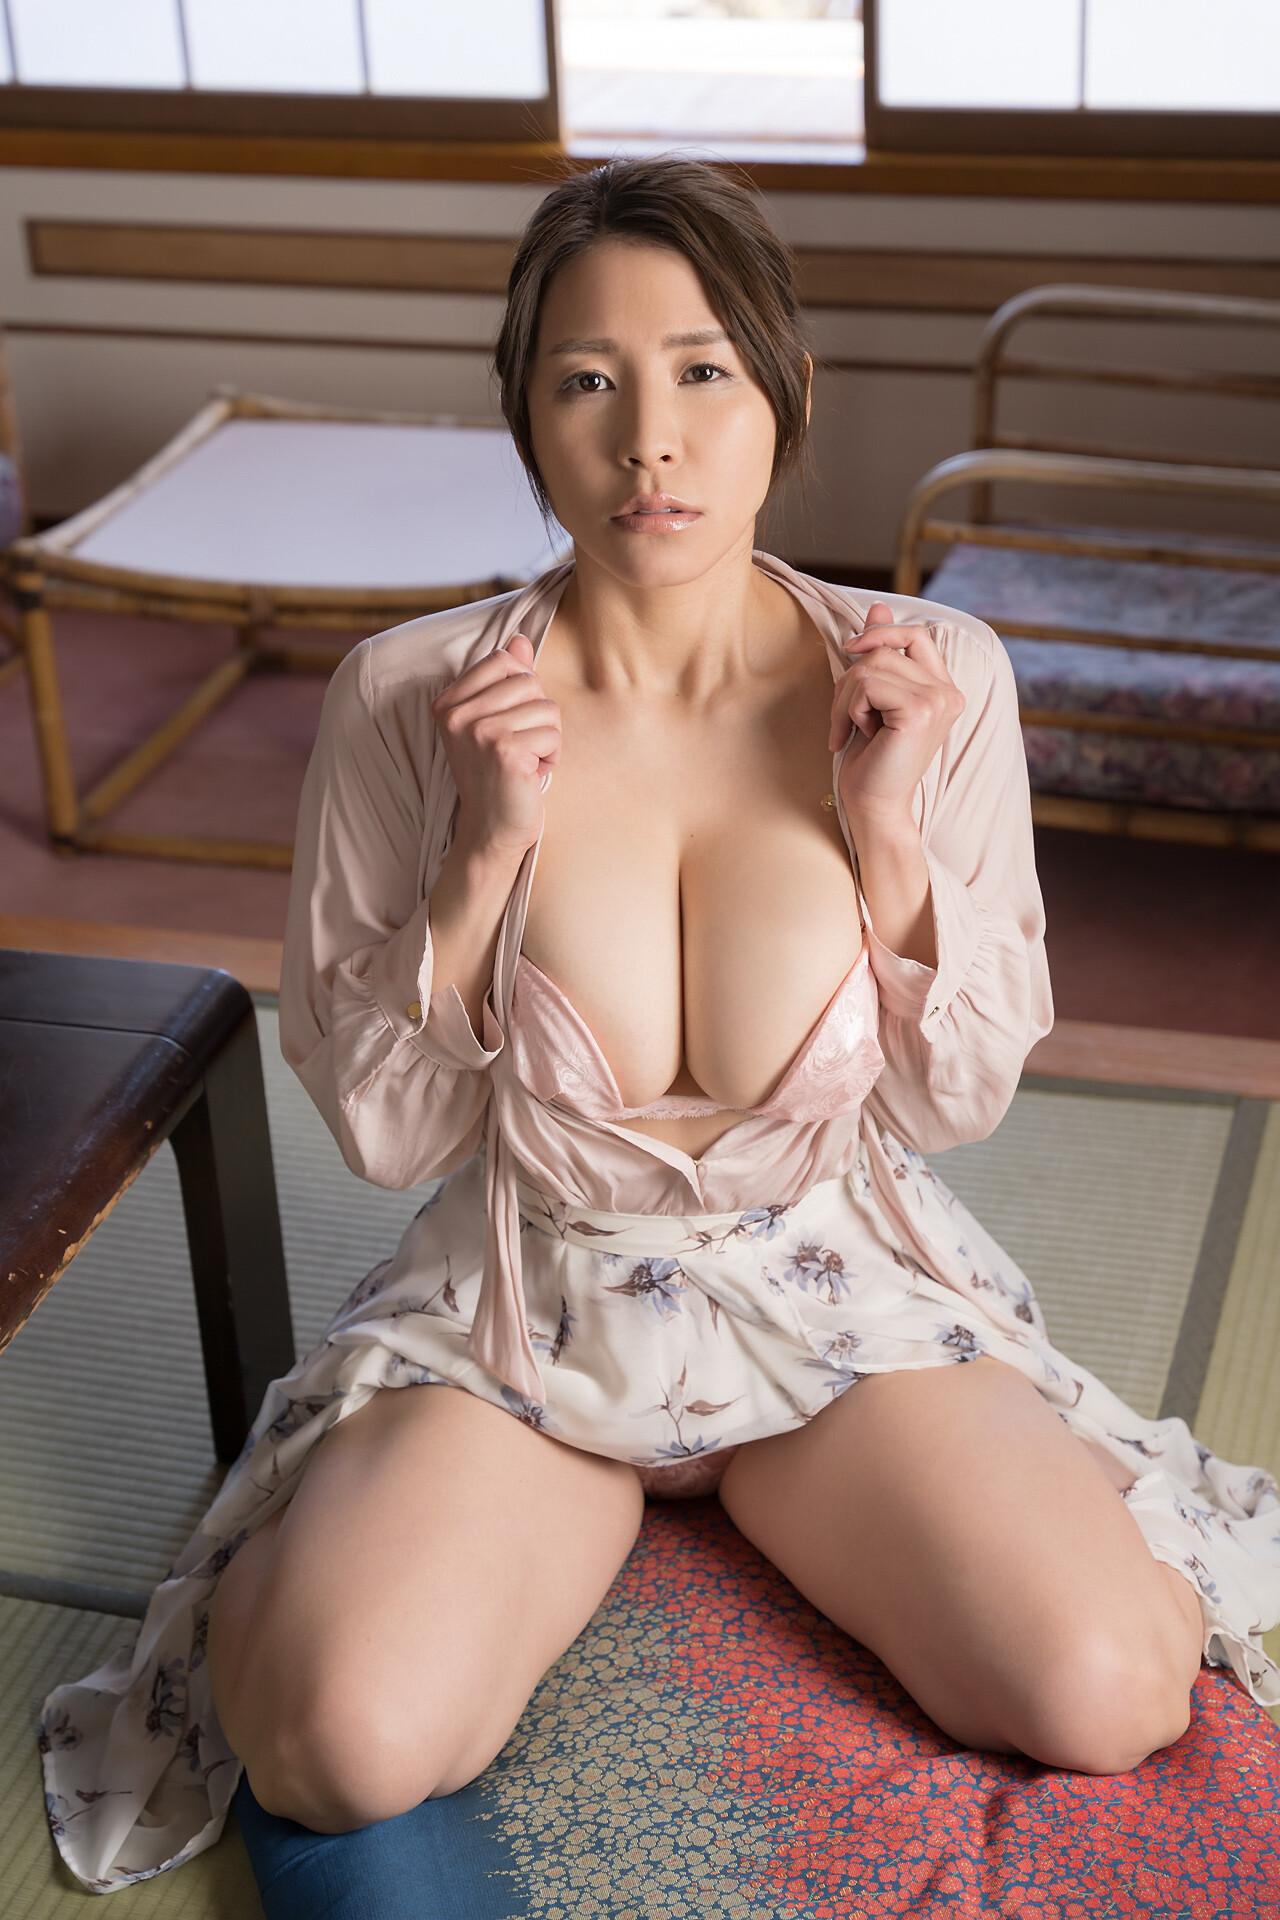 夏来唯 Yui Natsuki -4.jpg